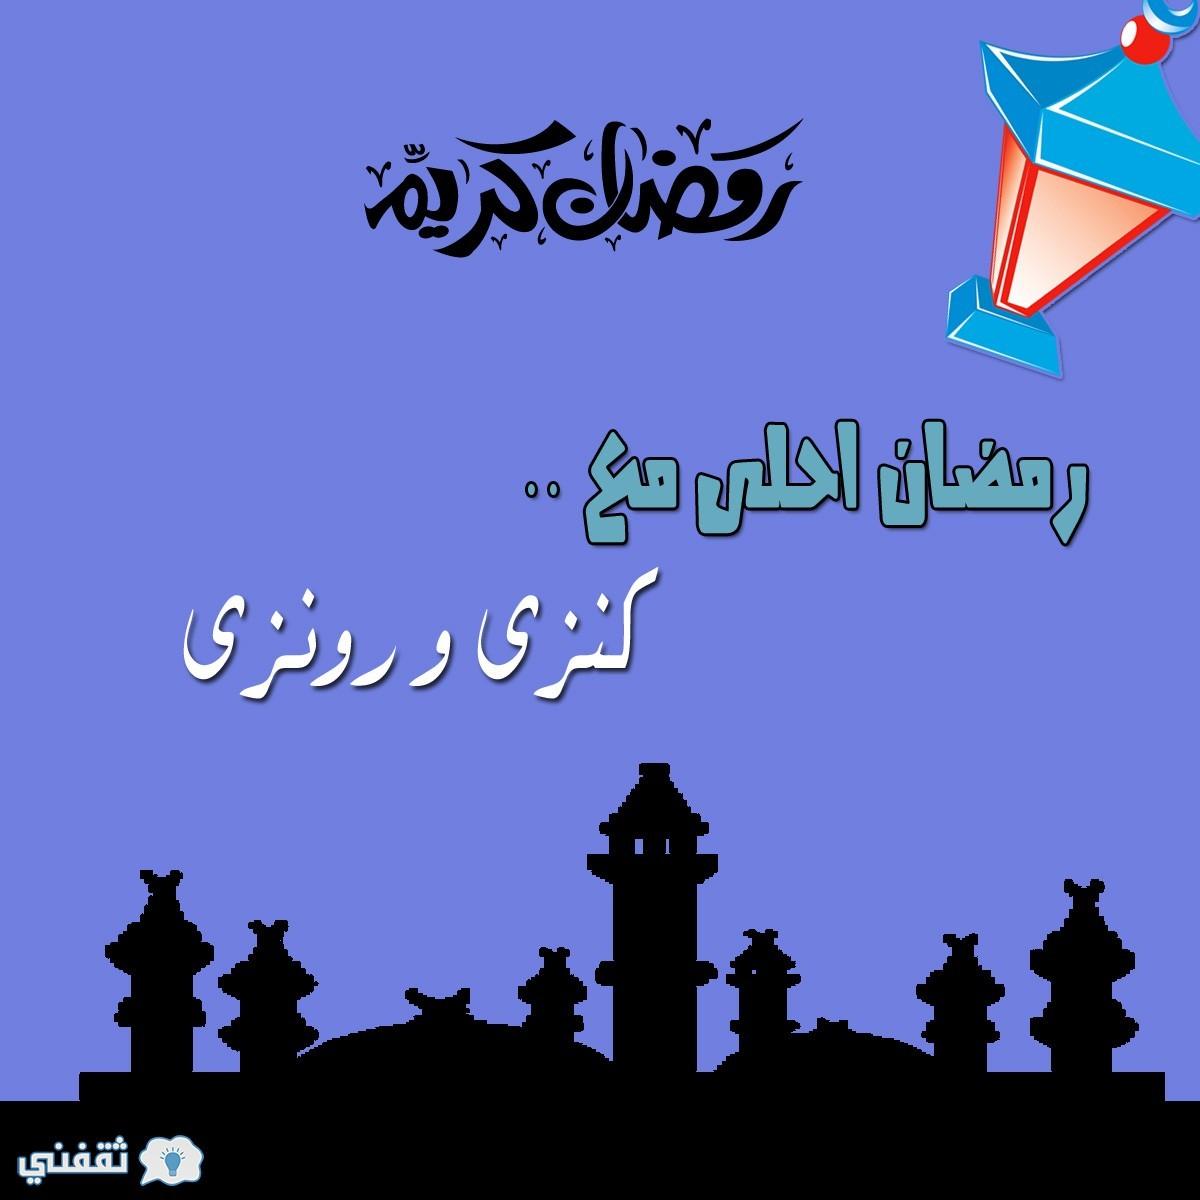 رمضان احلى مع كنزى و رونزى